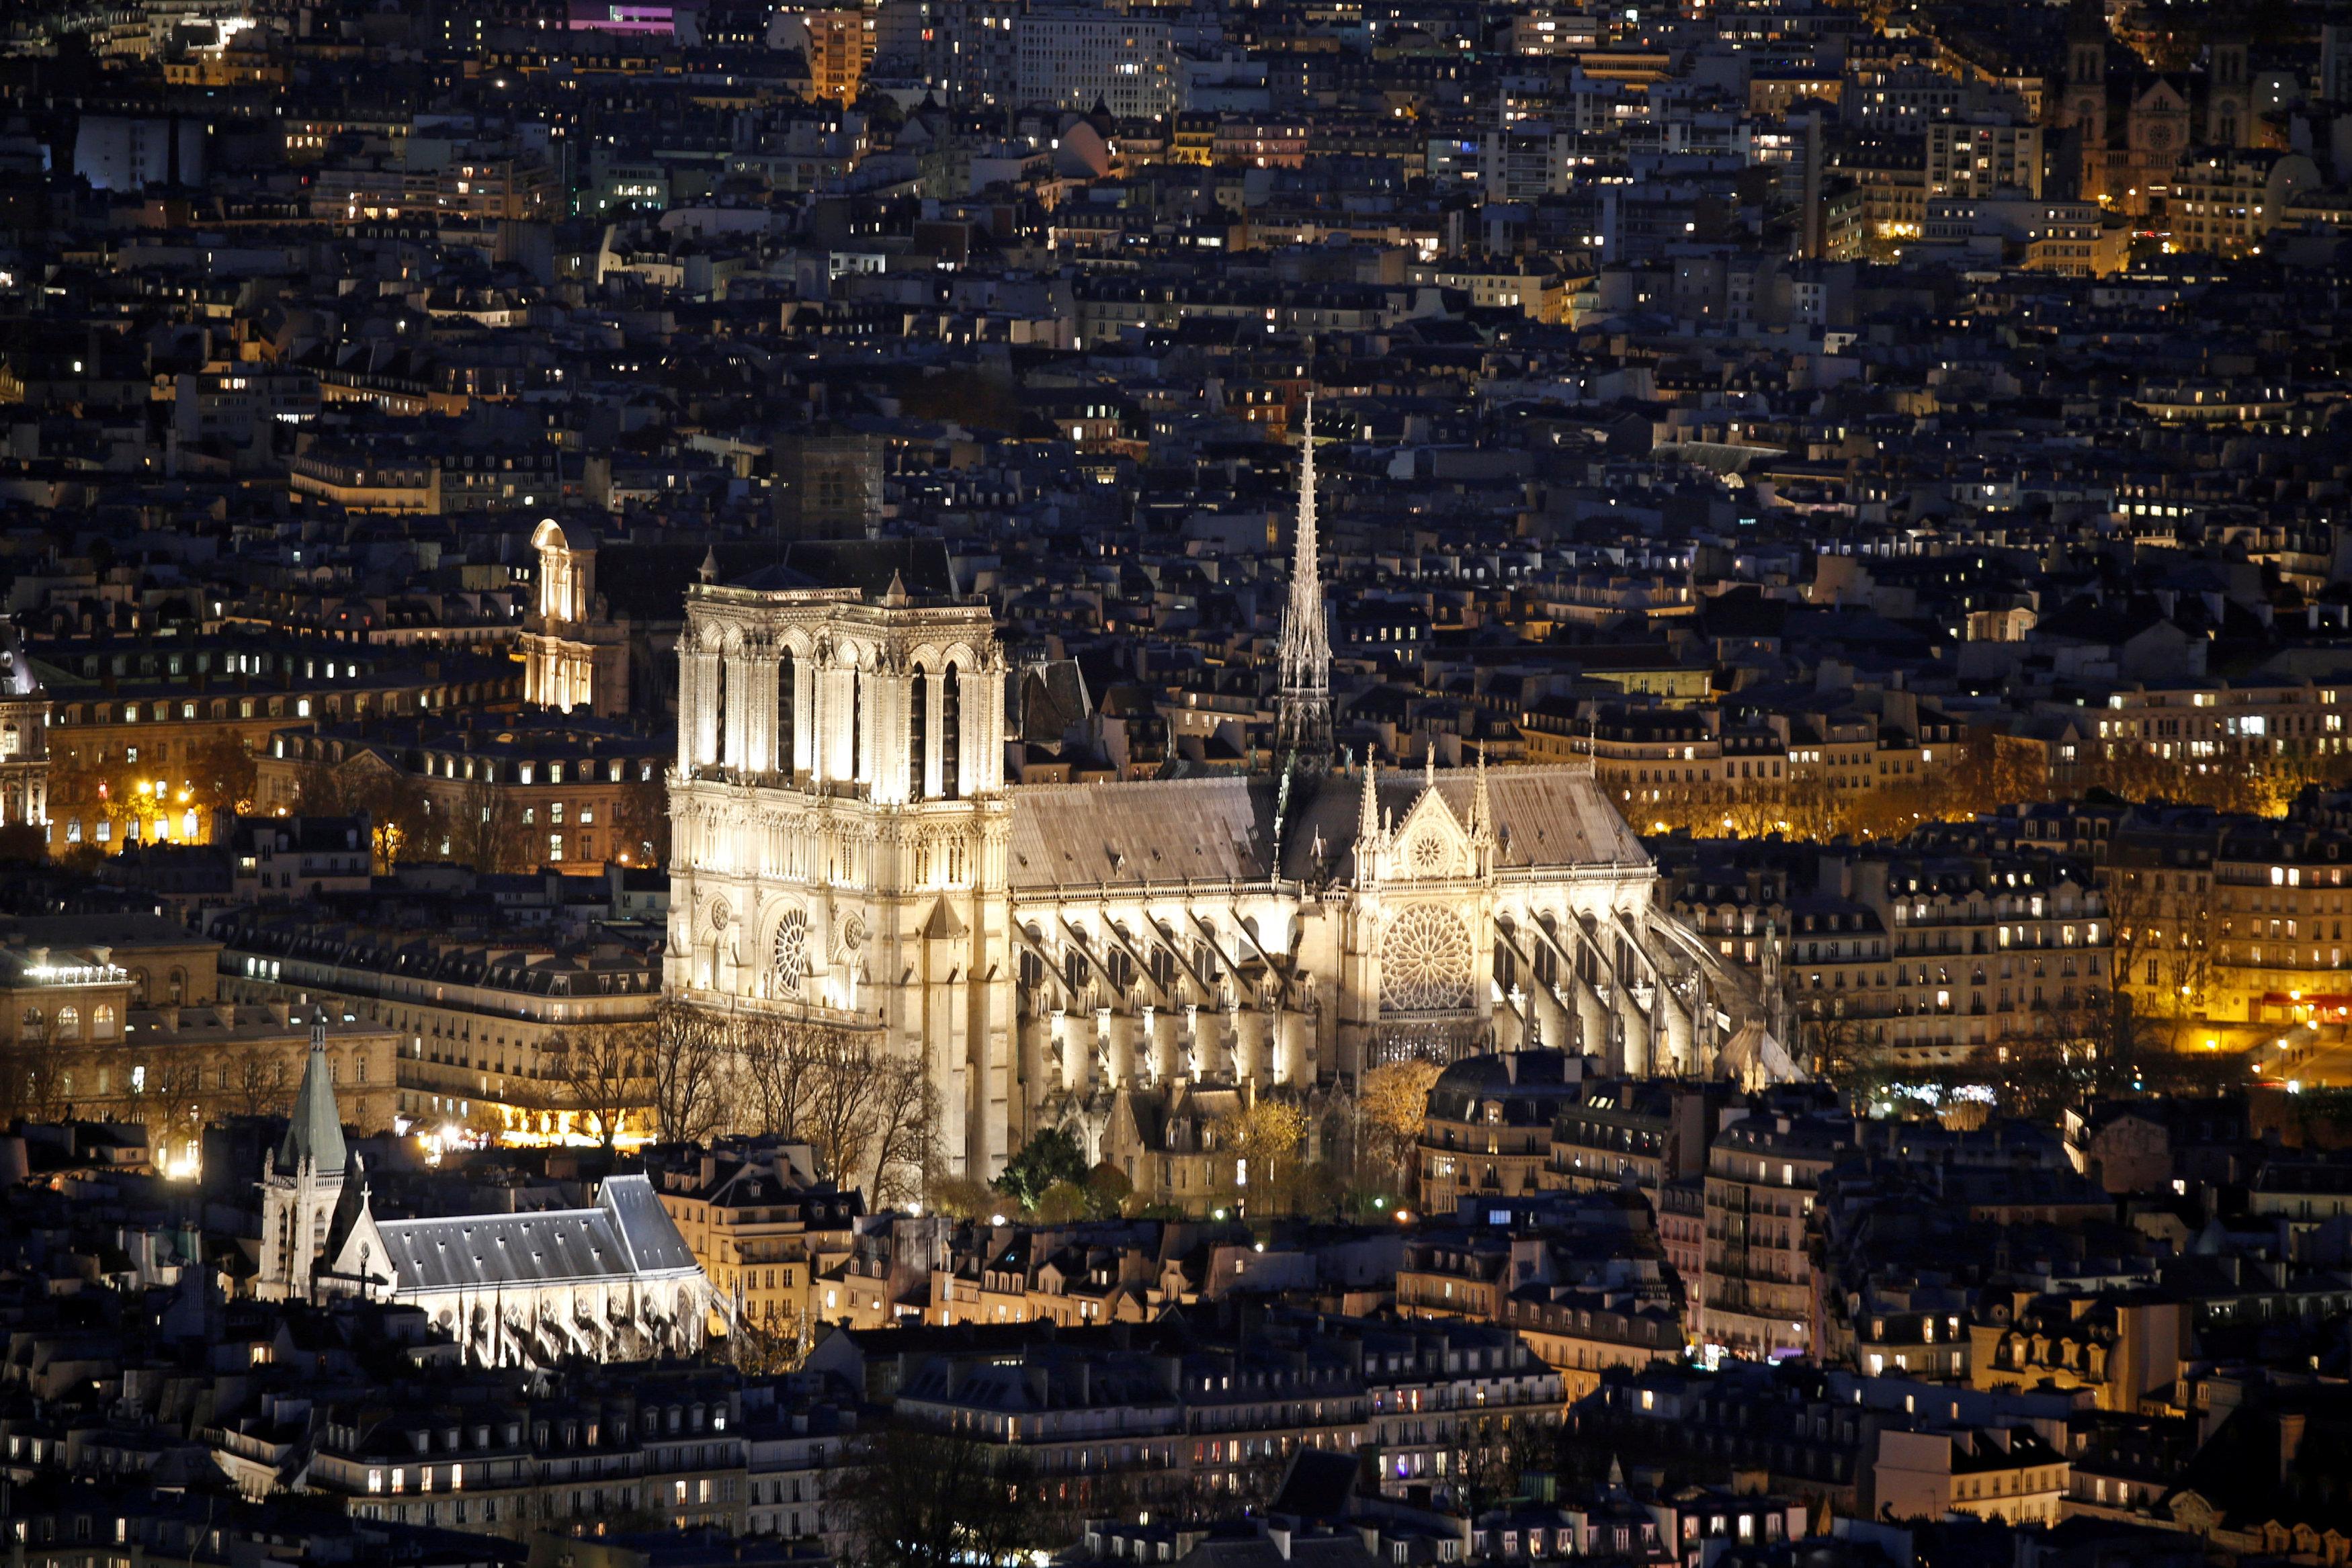 Así era la Catedral de Notre Dame antes del incendio (FOTOS)